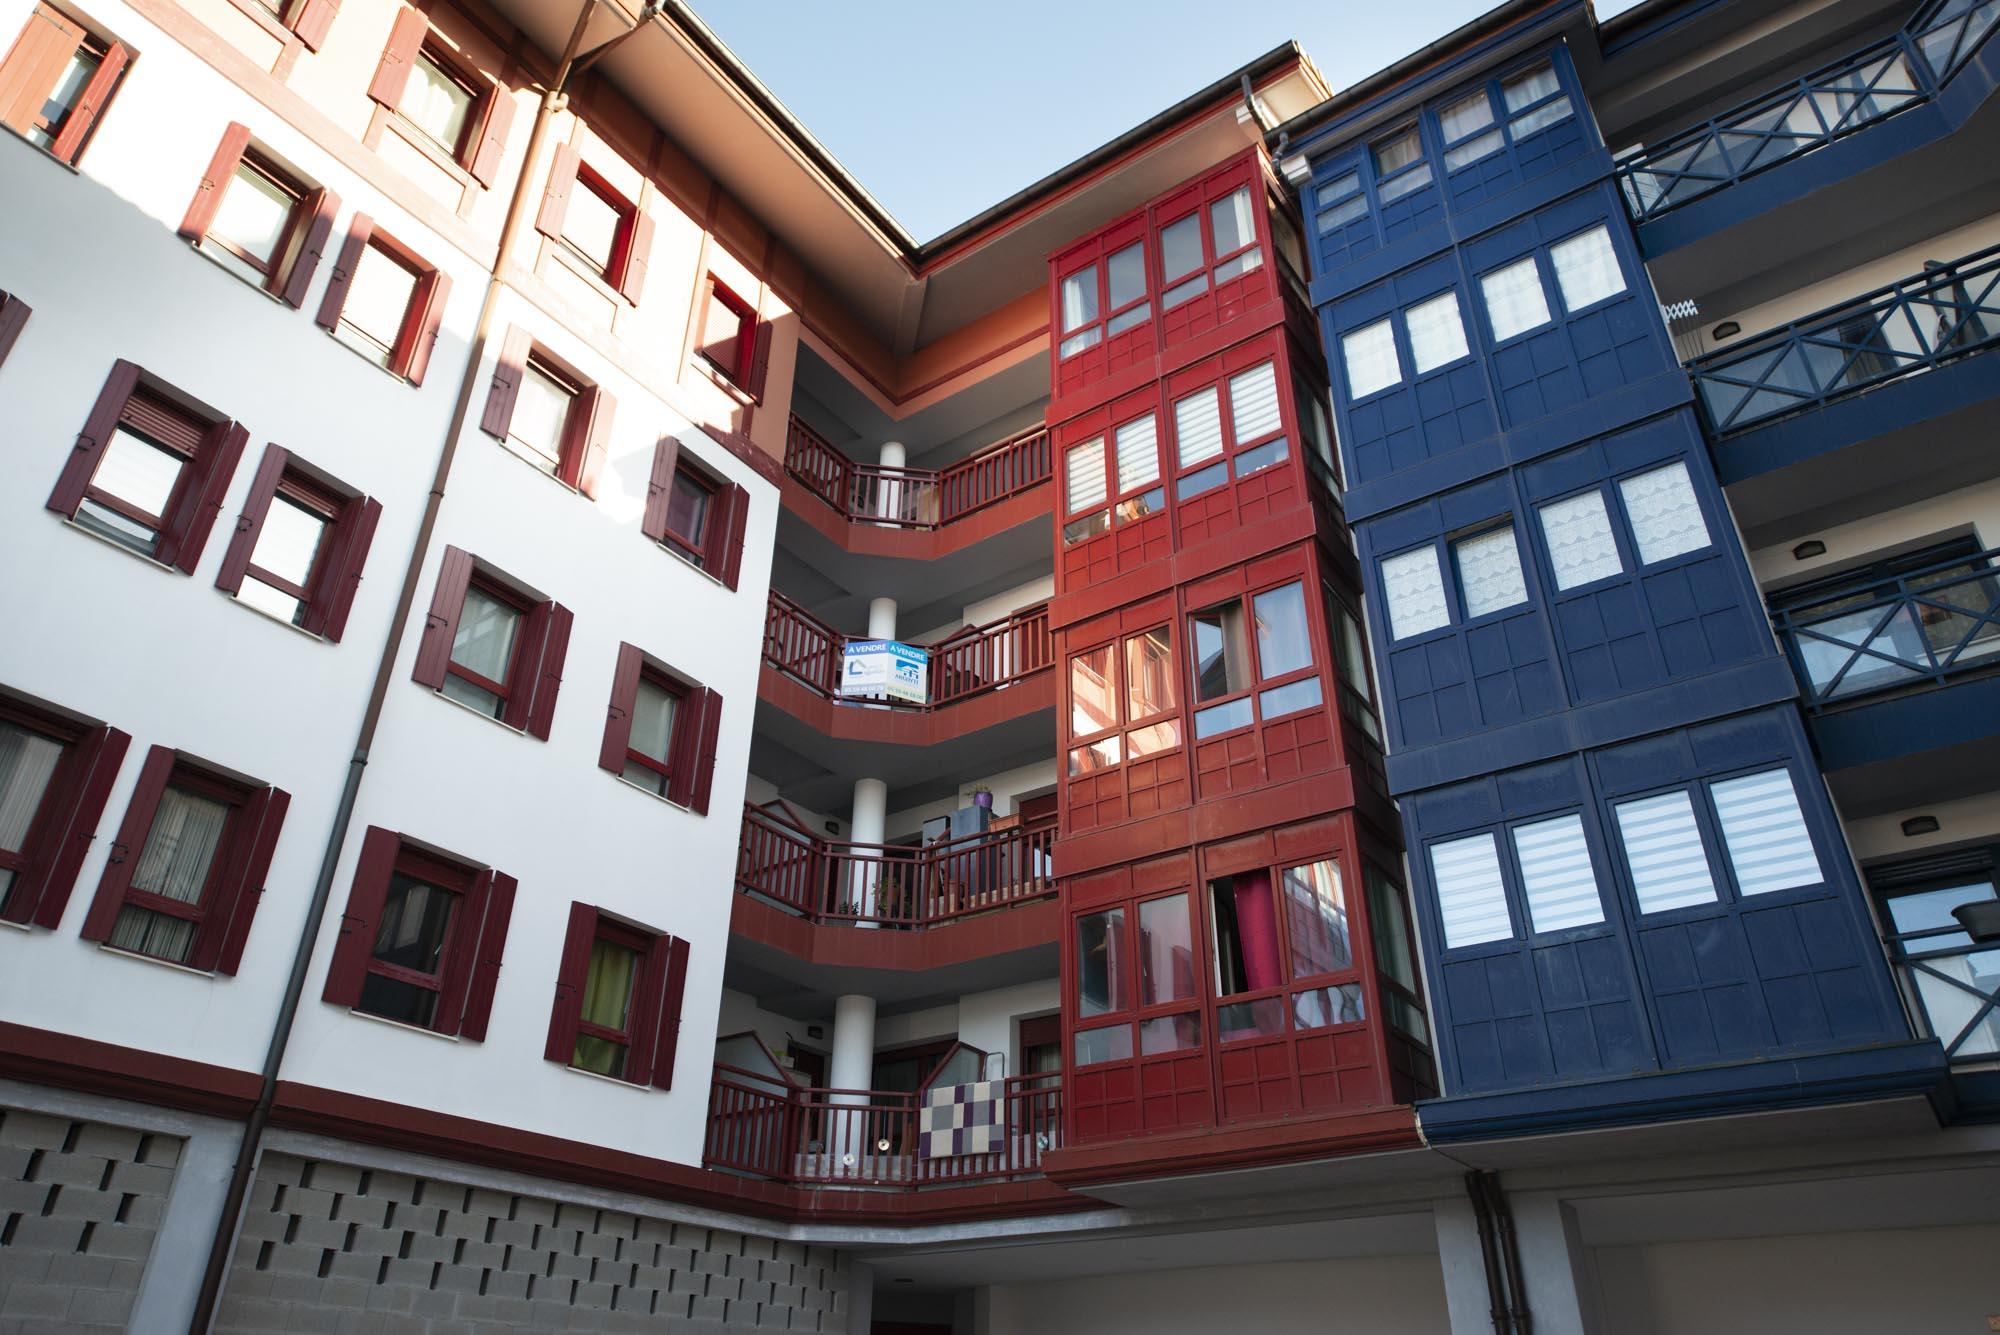 Hendaia Centro, a 7 minutos del topo y 18 a pie de la playa.Apartamento para entrar a vivir.